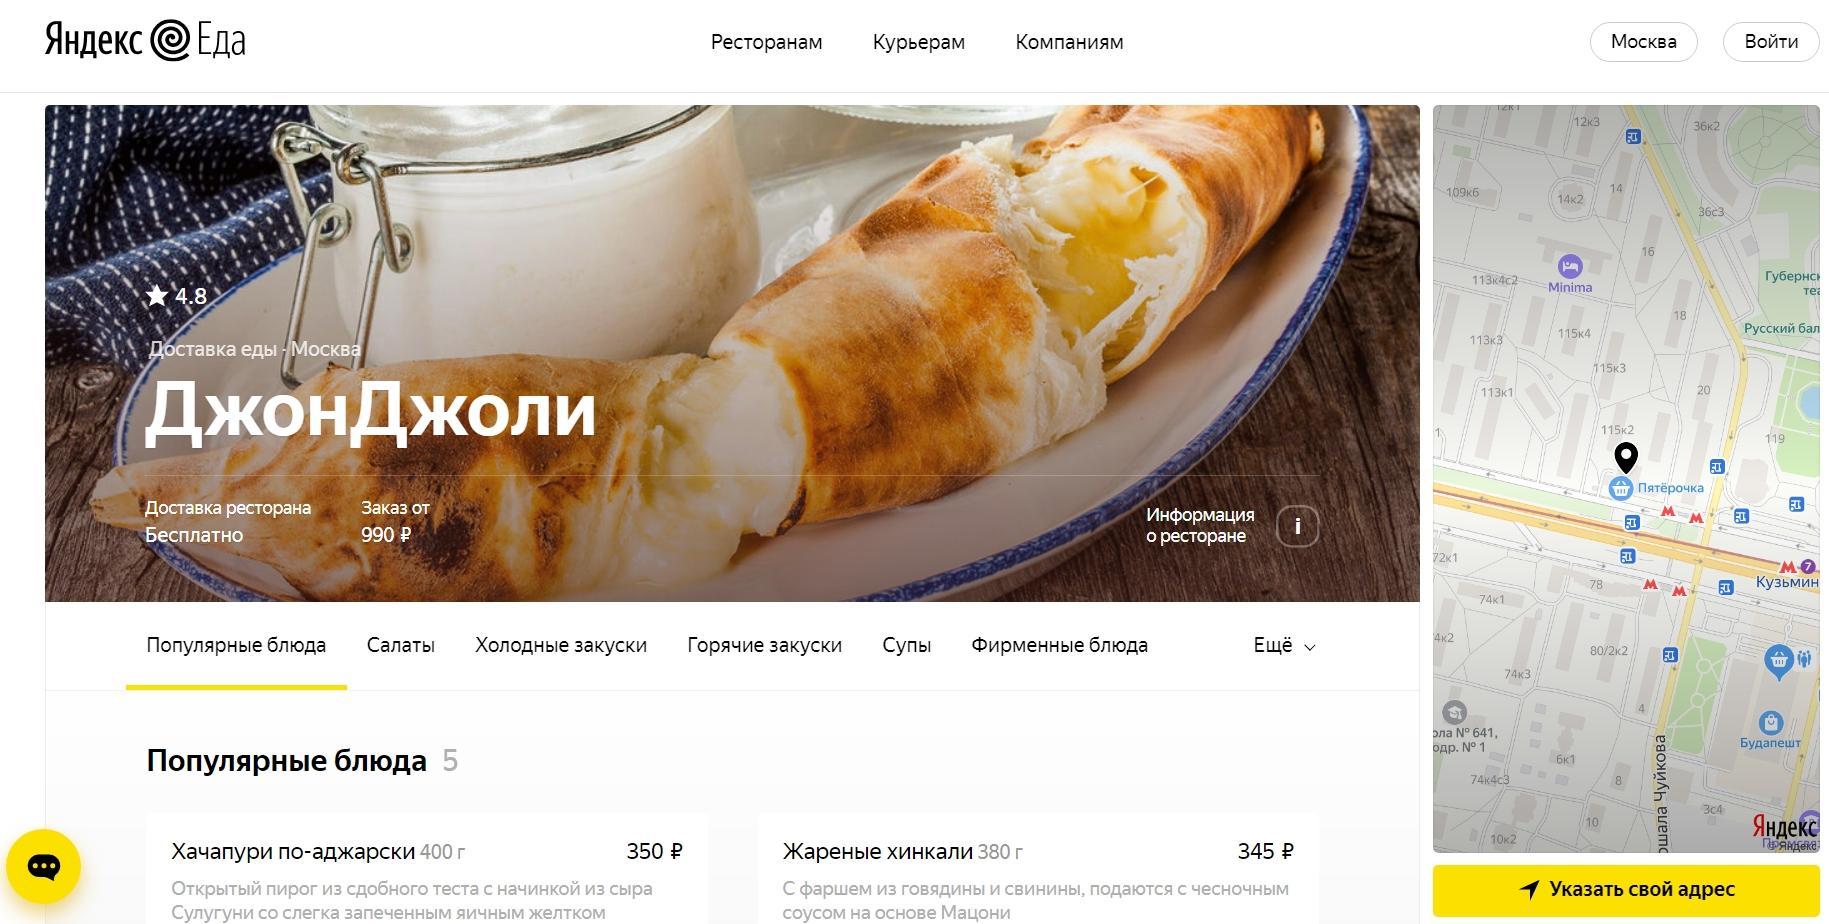 «ДжонДжоли» в Яндекс.Еда